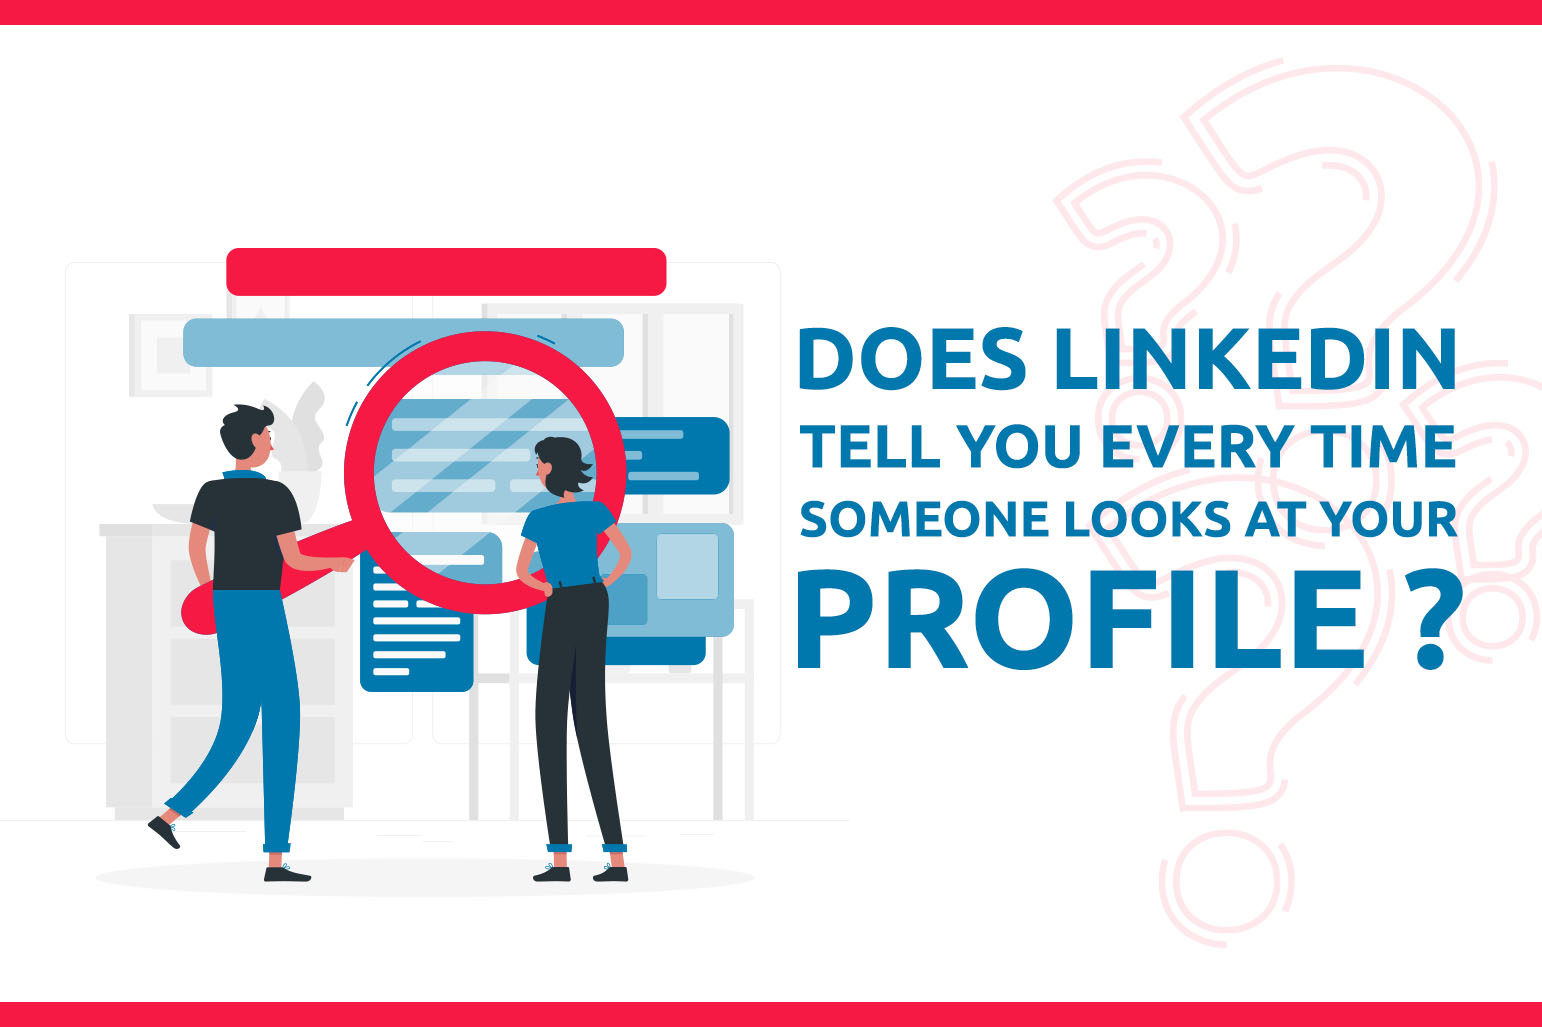 ¿Te dice LinkedIn cada vez que alguien mira tu perfil?